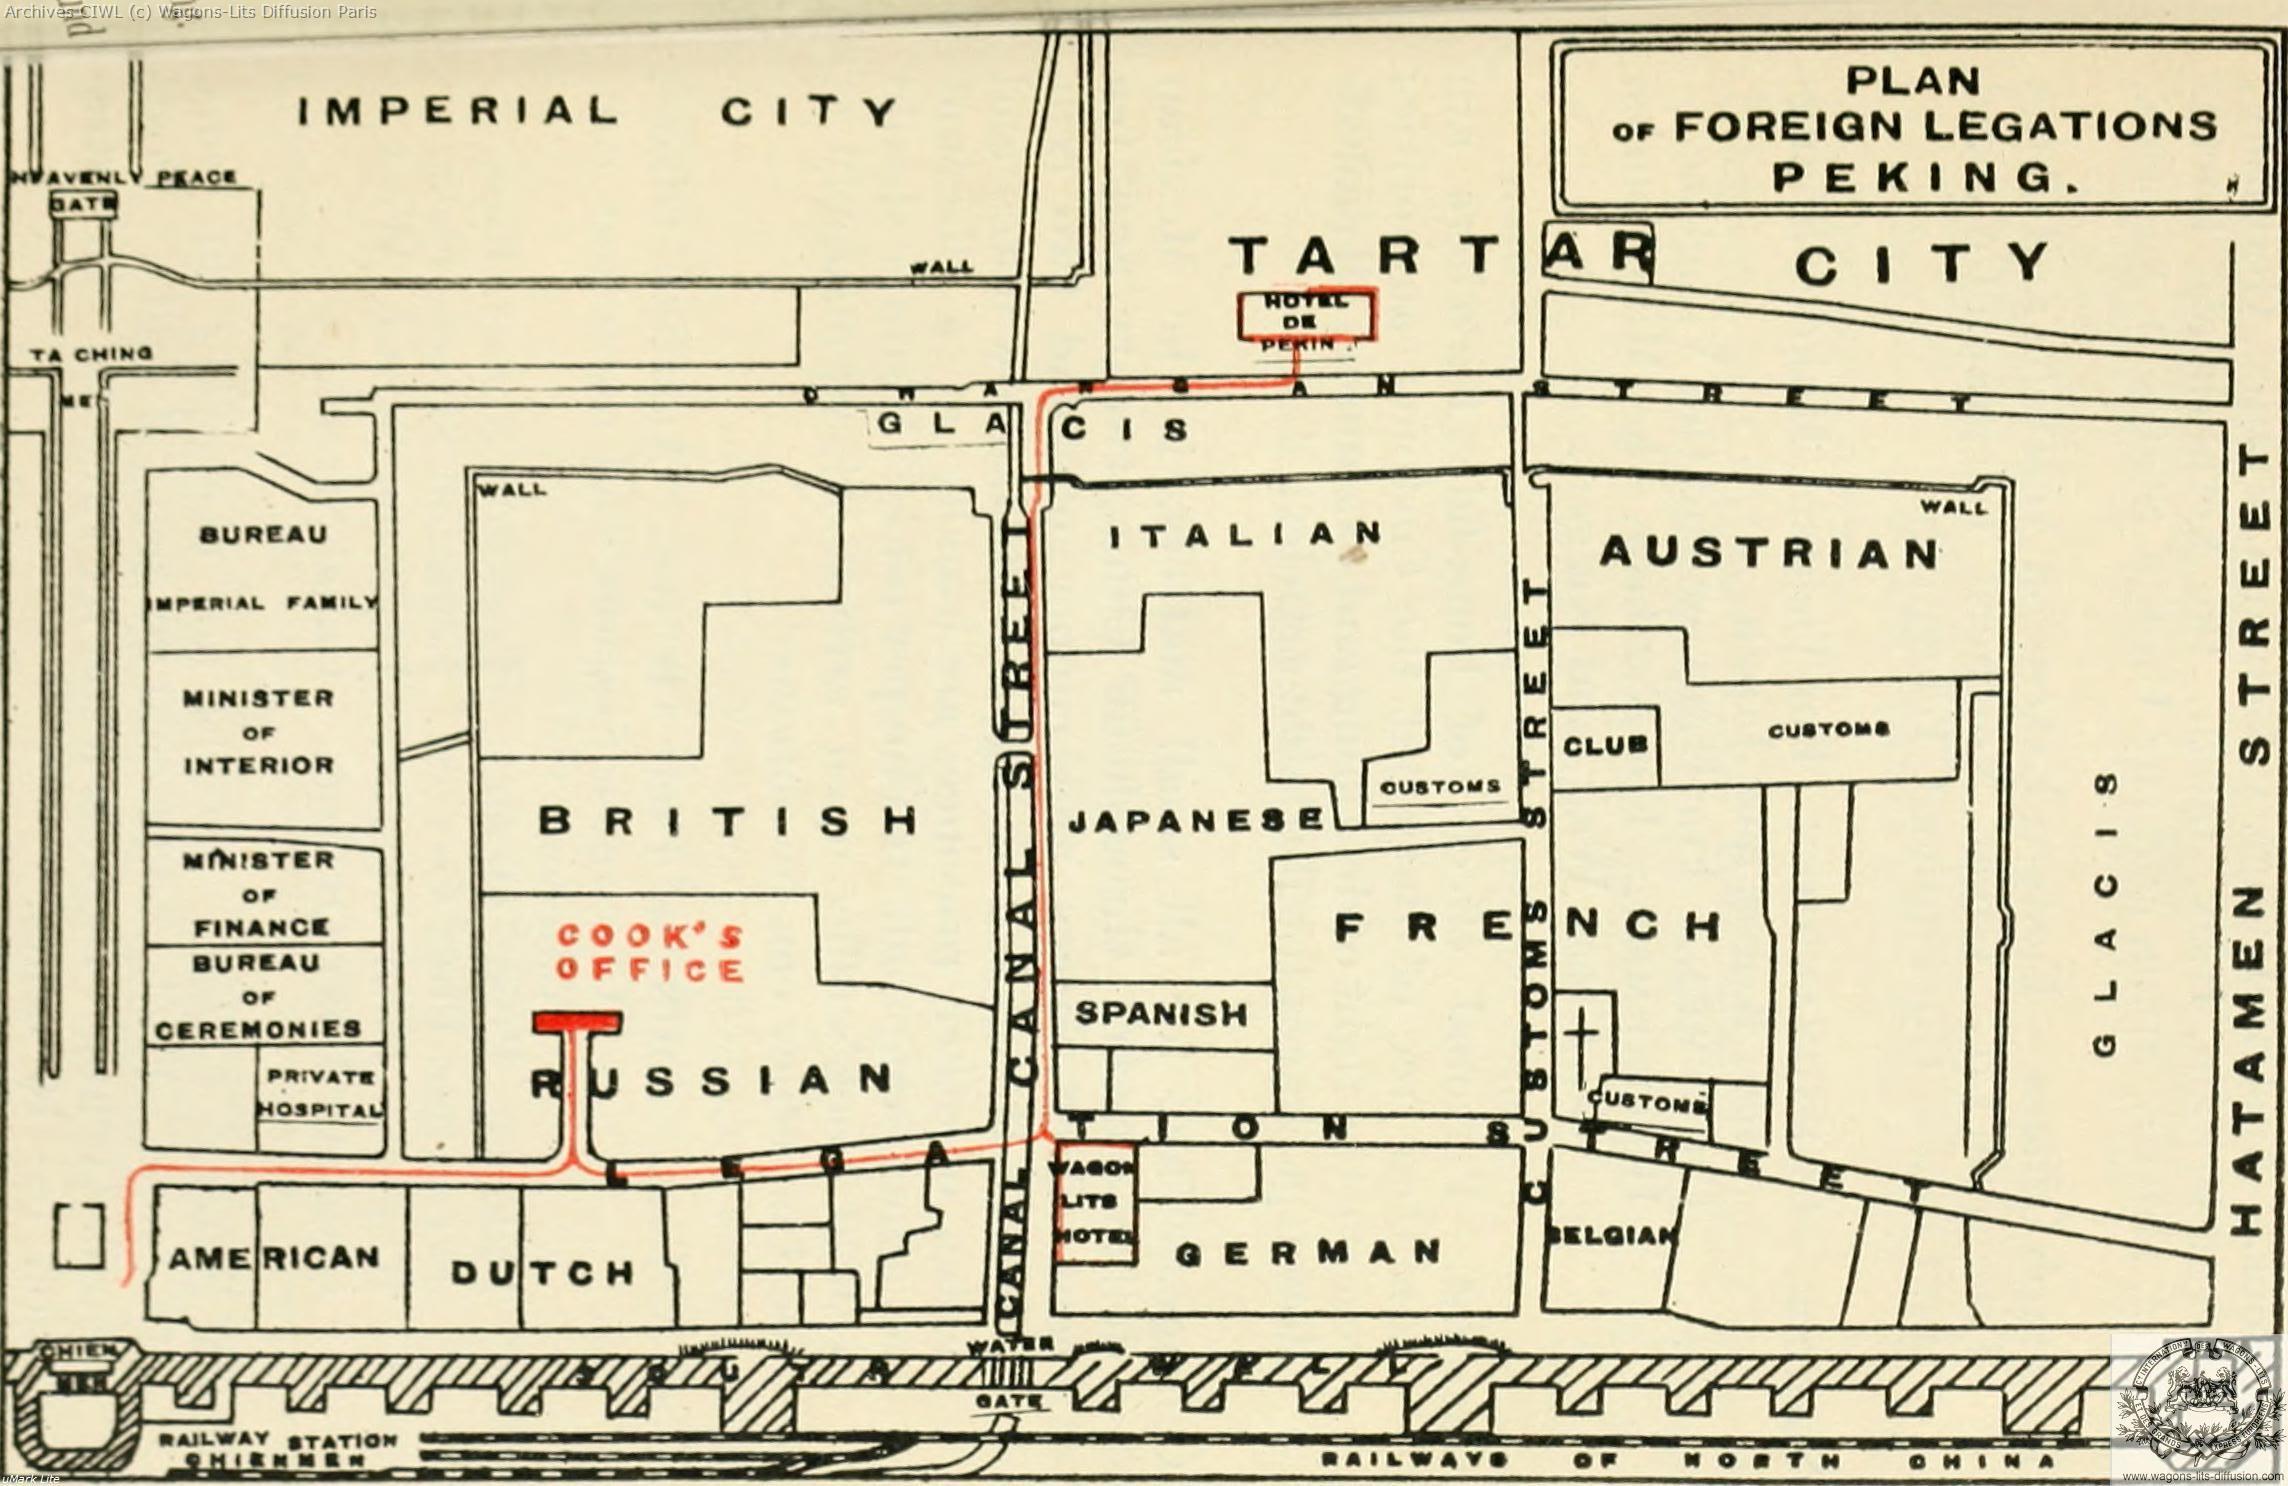 Wl carte de la legation internationale peking 1917